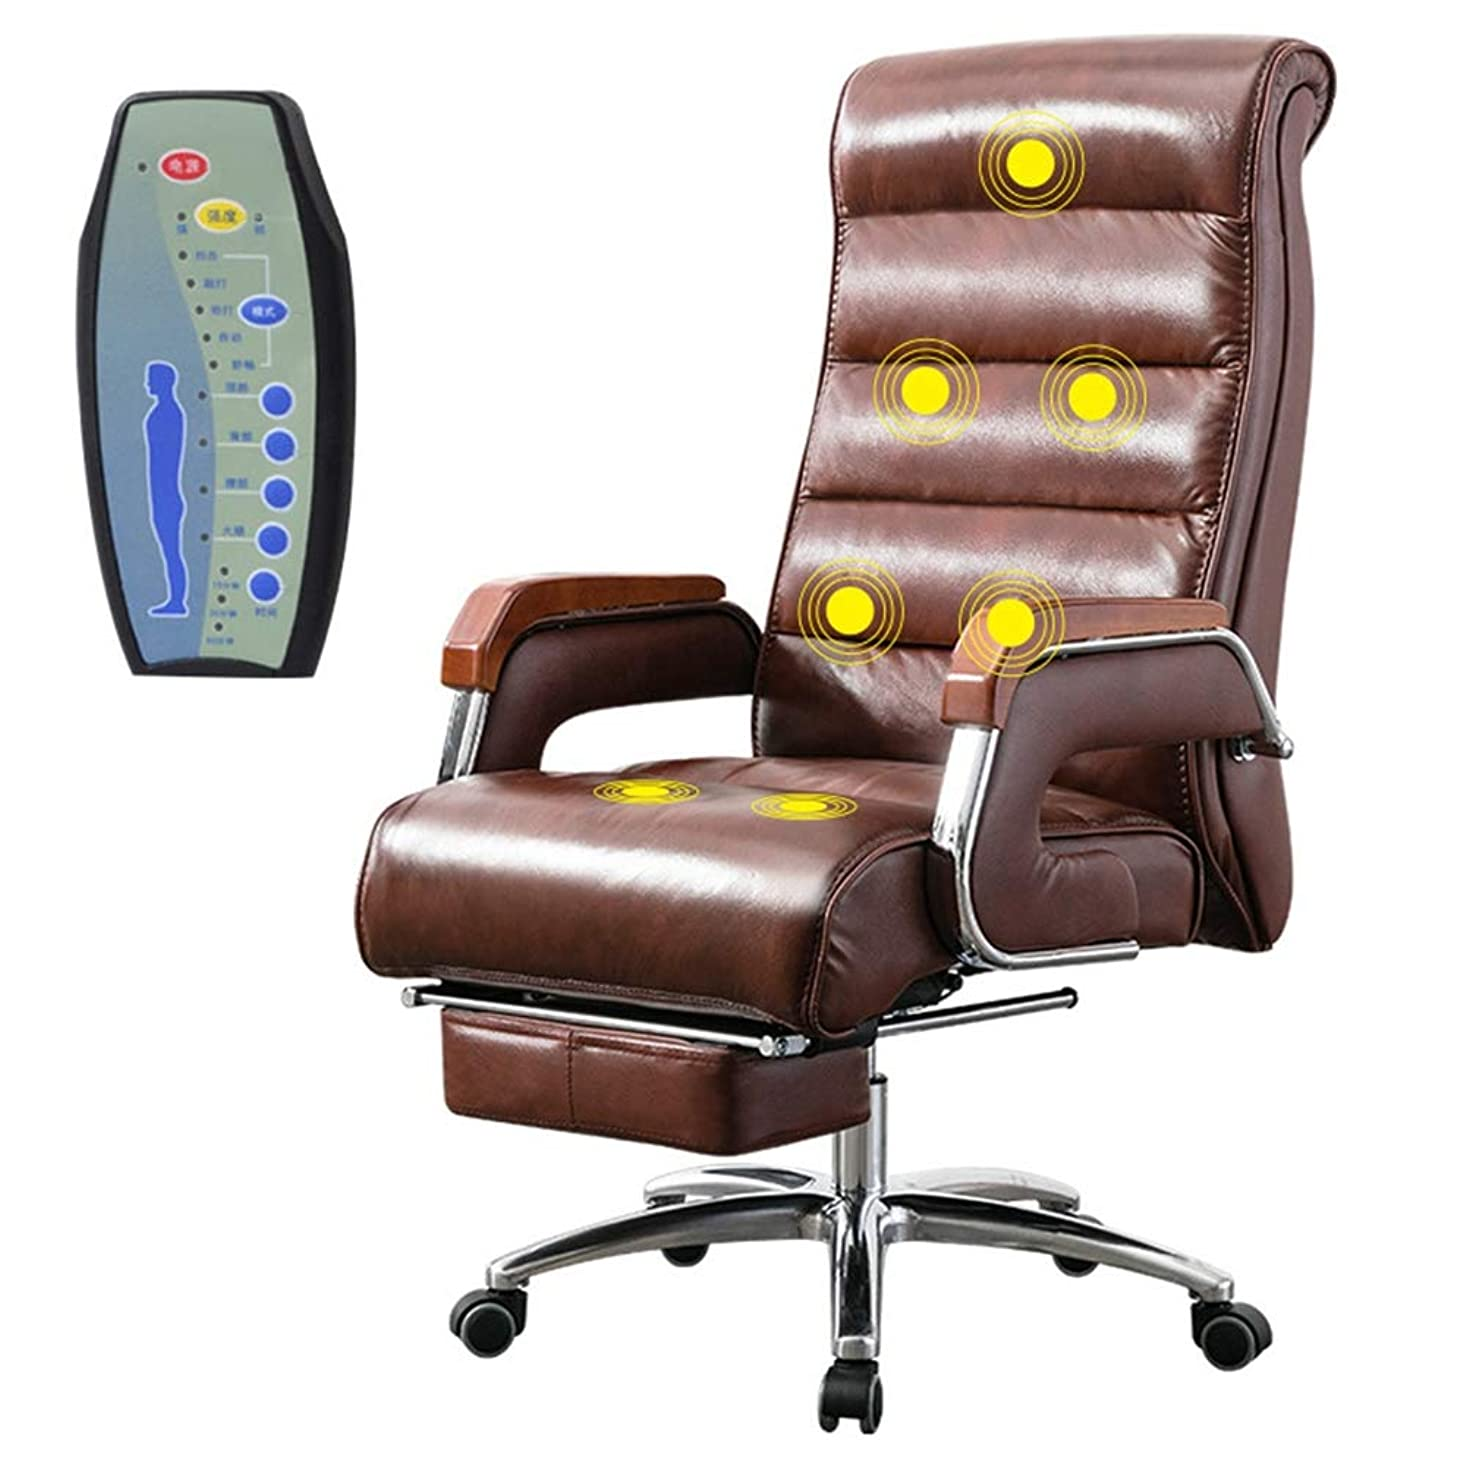 サロンに対処するゼリーエグゼクティブオフィスチェア格納式フットレストとロッキングチェア機能付き7ポイントマッサージ機能,brown